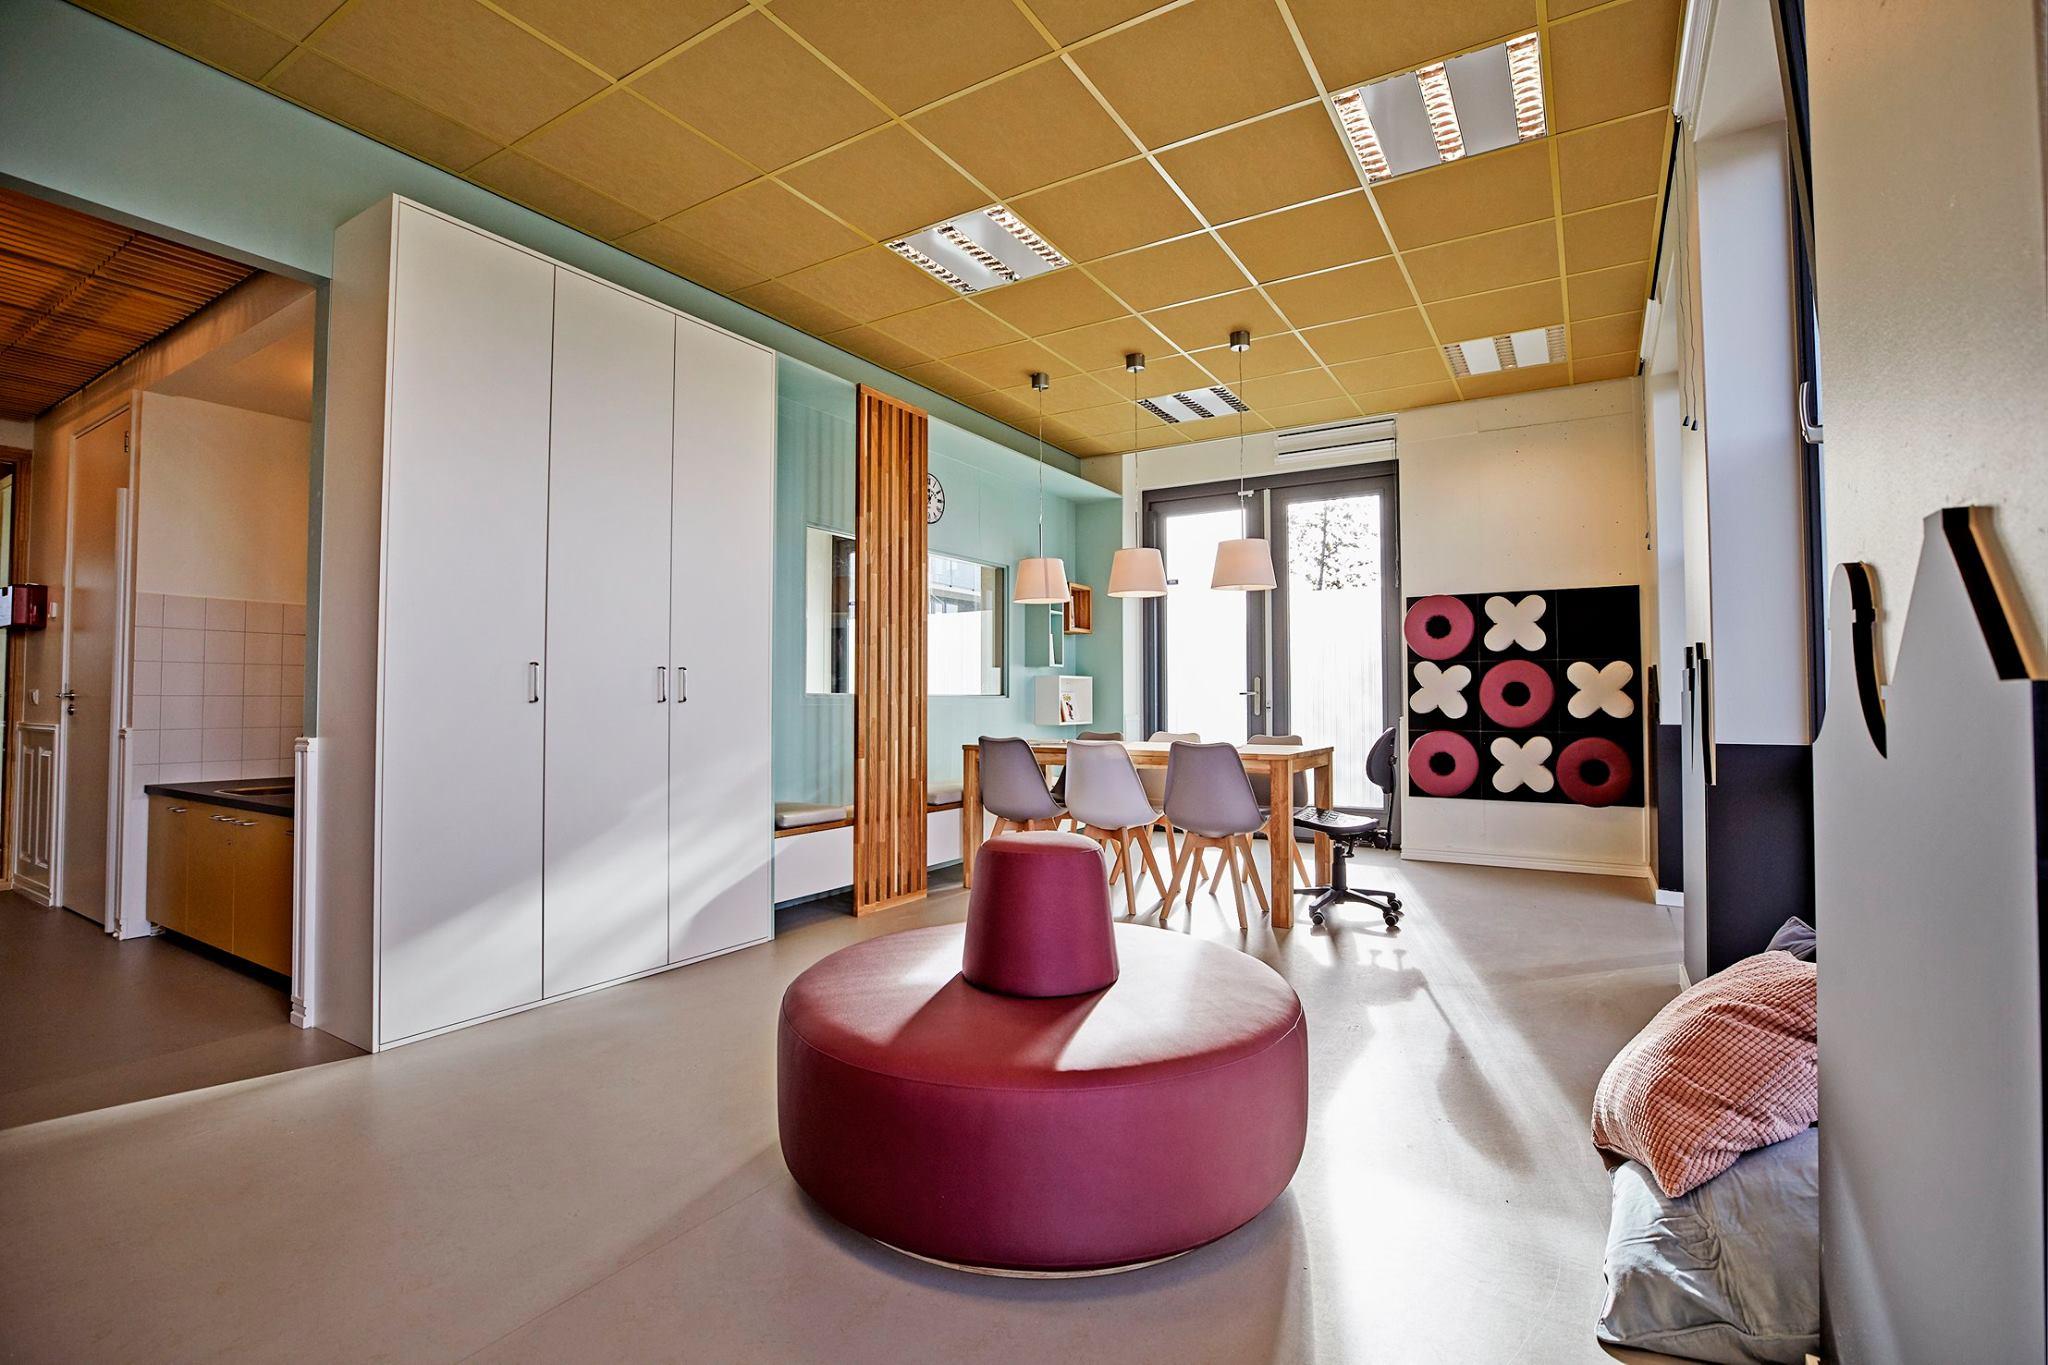 Tovertuin Blijf Oranje Huis Almere 2